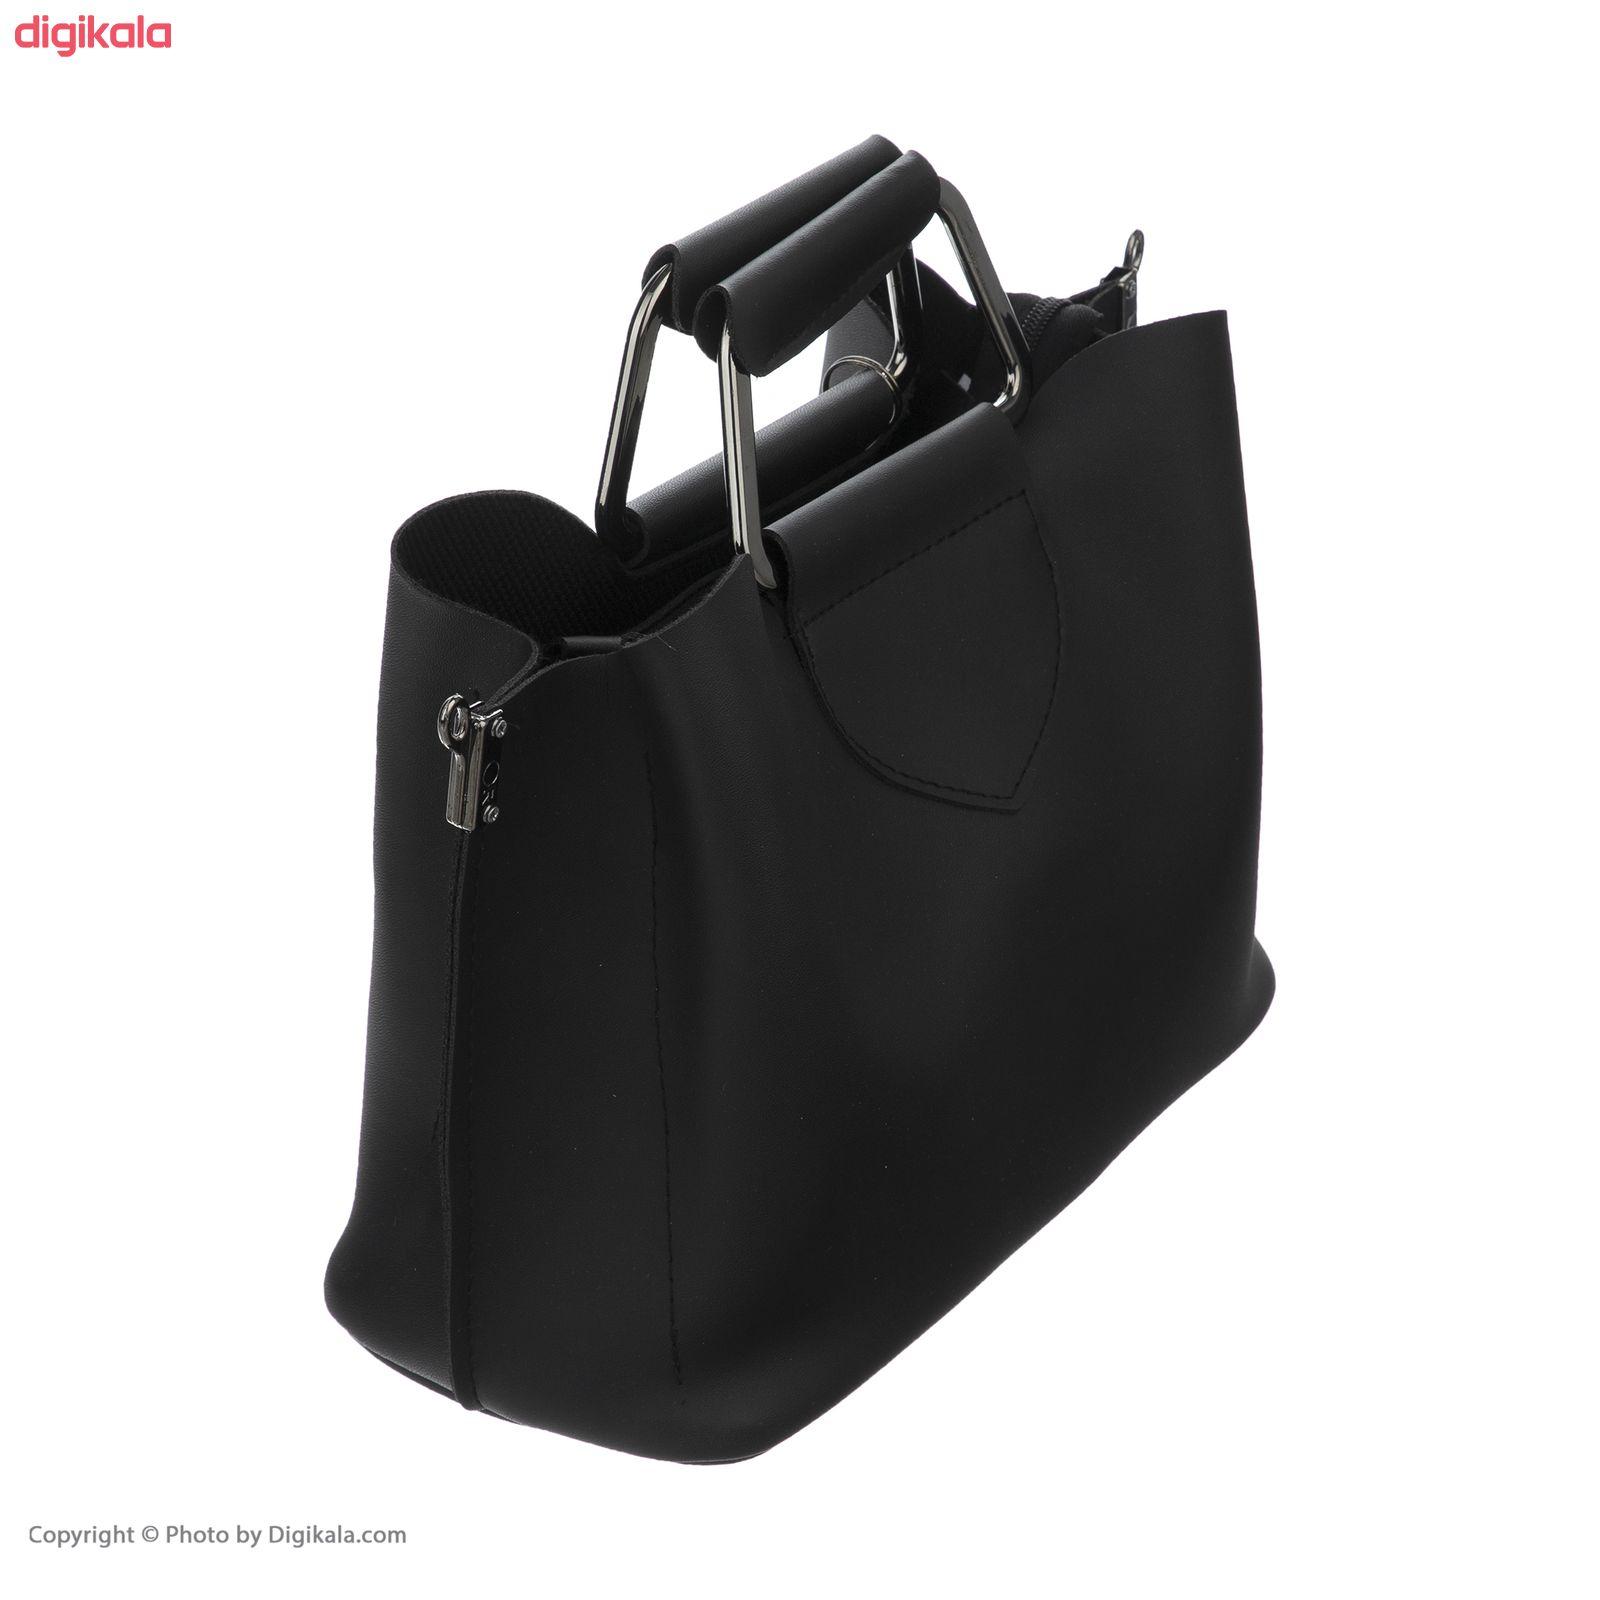 کیف دستی زنانه مدل A1400 main 1 3